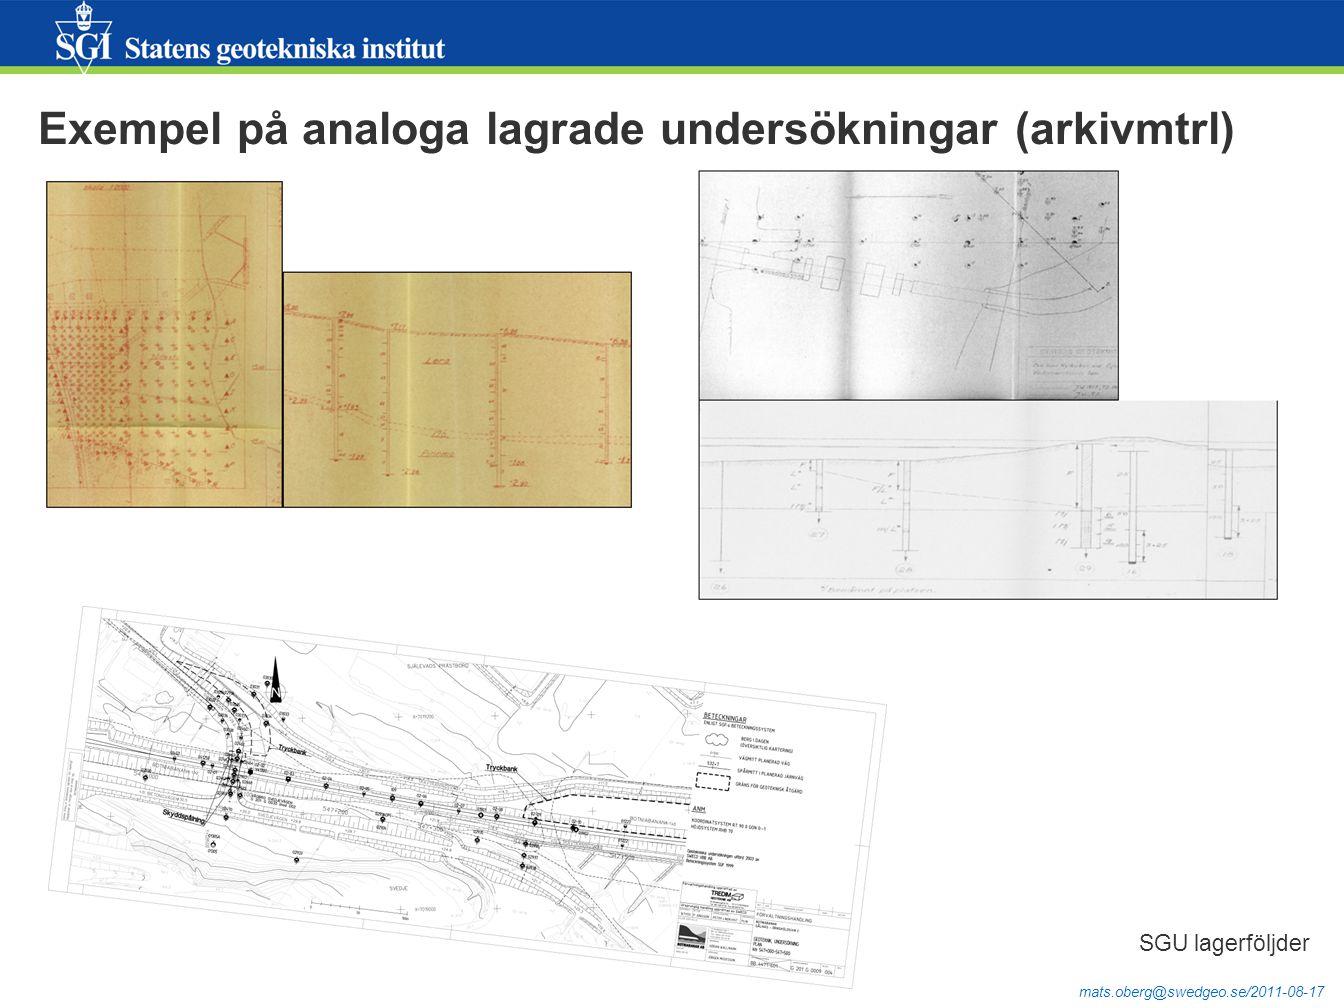 Exempel på analoga lagrade undersökningar (arkivmtrl)